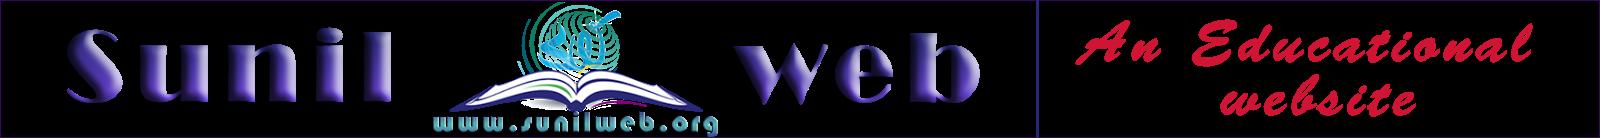 SUNIL WEB